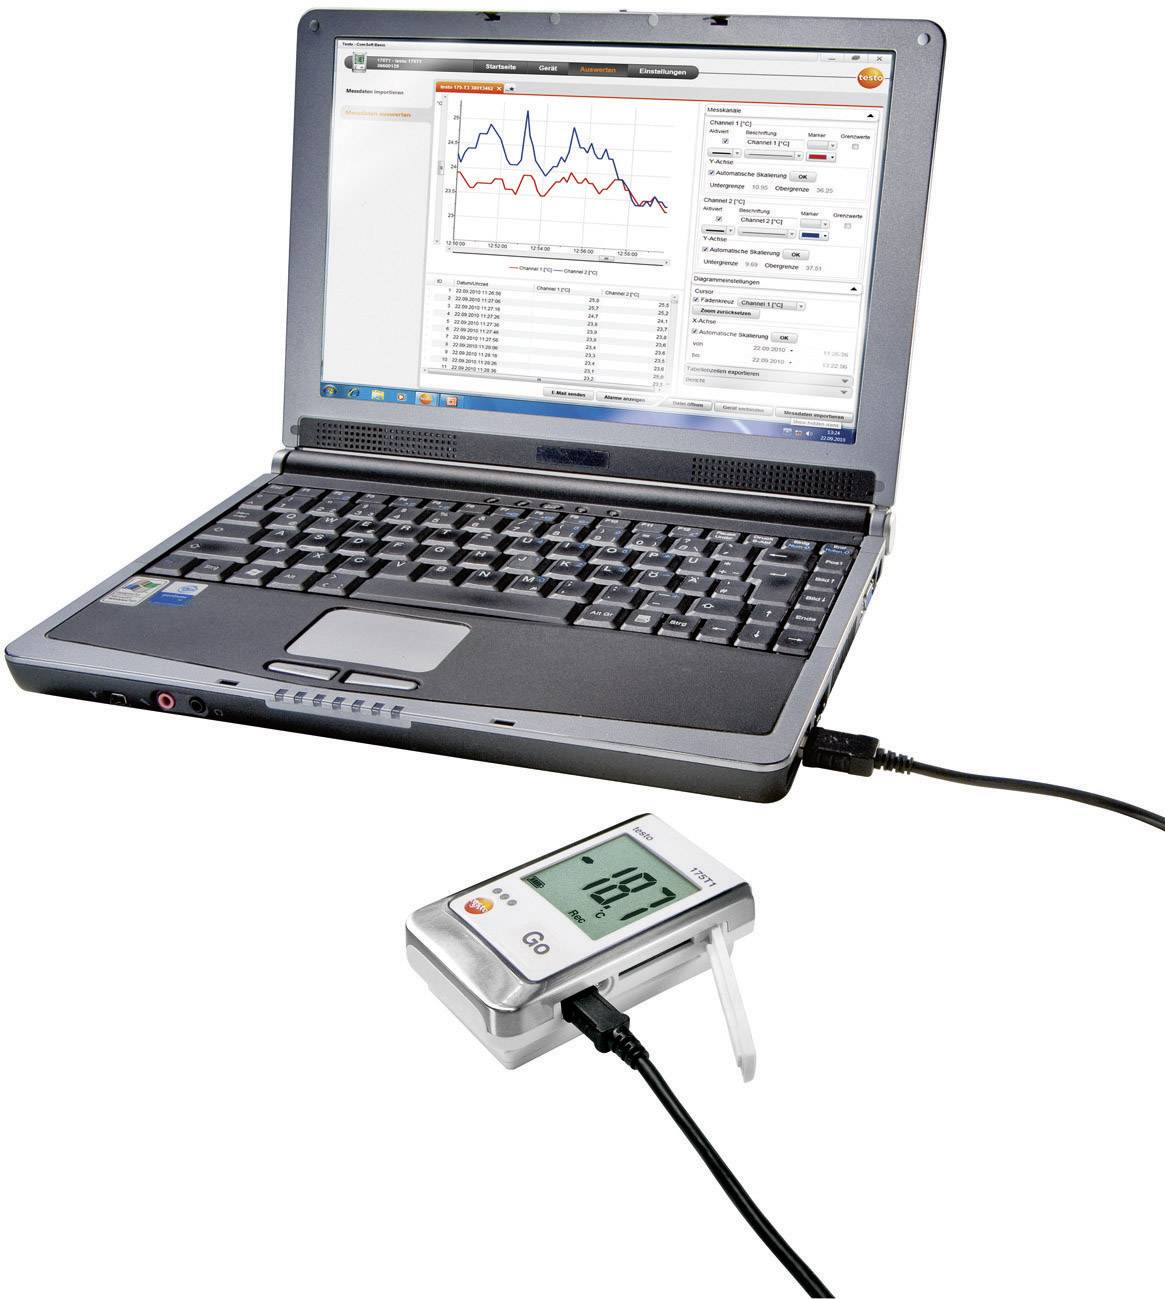 Teplotný/vlhkostný datalogger testo 175 H1, -20 až +55 °C